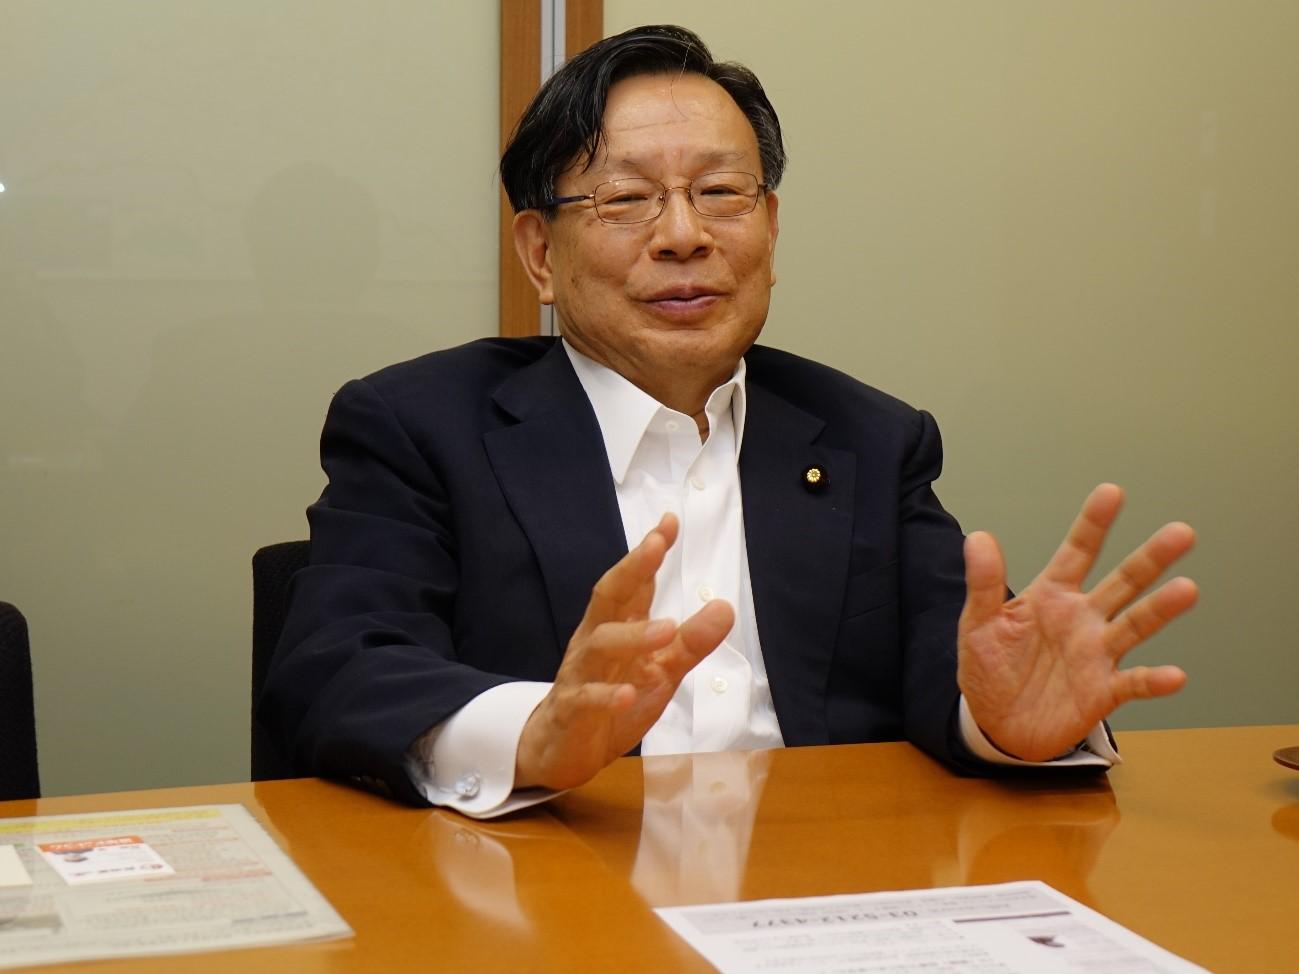 参議院議員 木村義雄